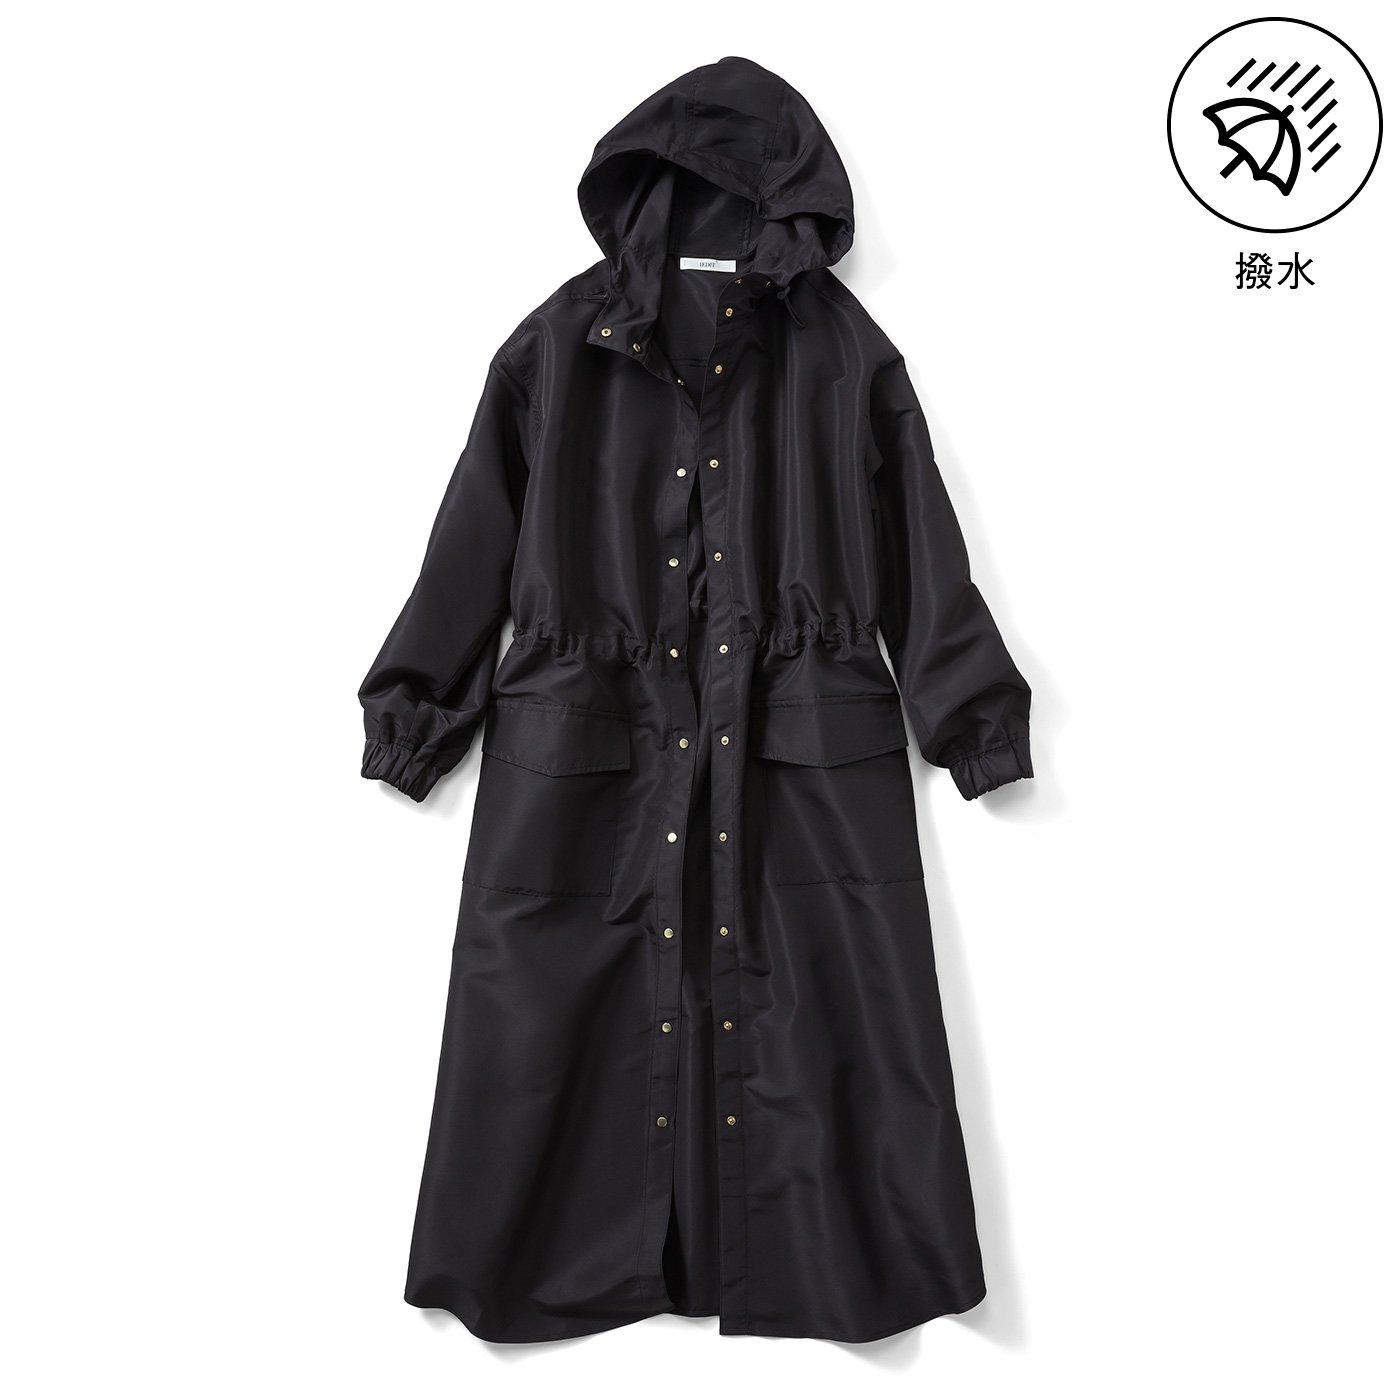 IEDIT[イディット] ロングシャツライクなレインコート〈ブラック〉